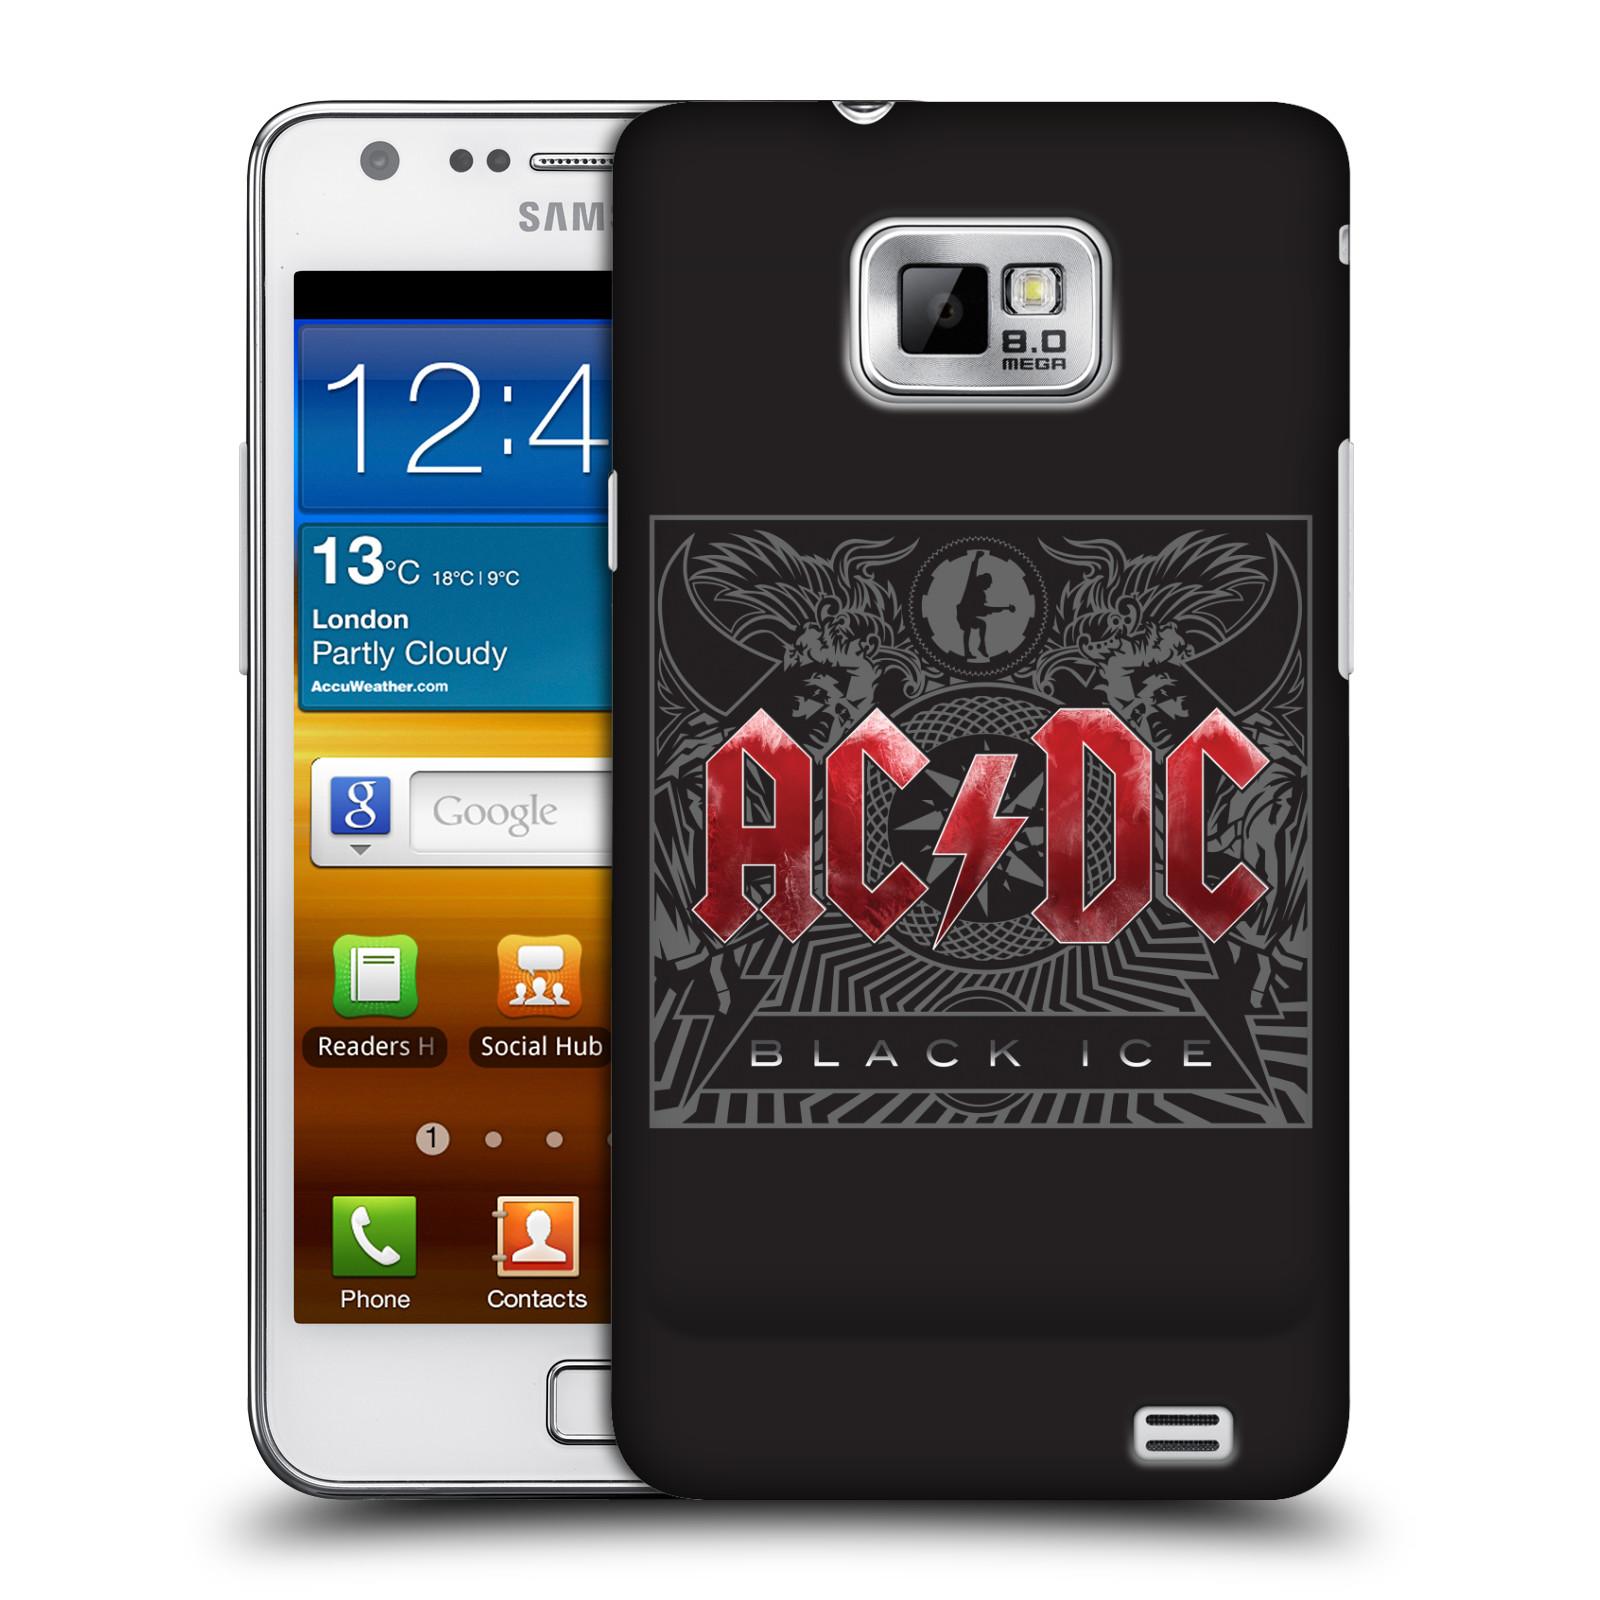 Plastové pouzdro na mobil Samsung Galaxy S II HEAD CASE AC/DC Black Ice (Plastový kryt či obal na mobilní telefon s oficiálním motivem australské skupiny AC/DC pro Samsung Galaxy S II GT-i9100)